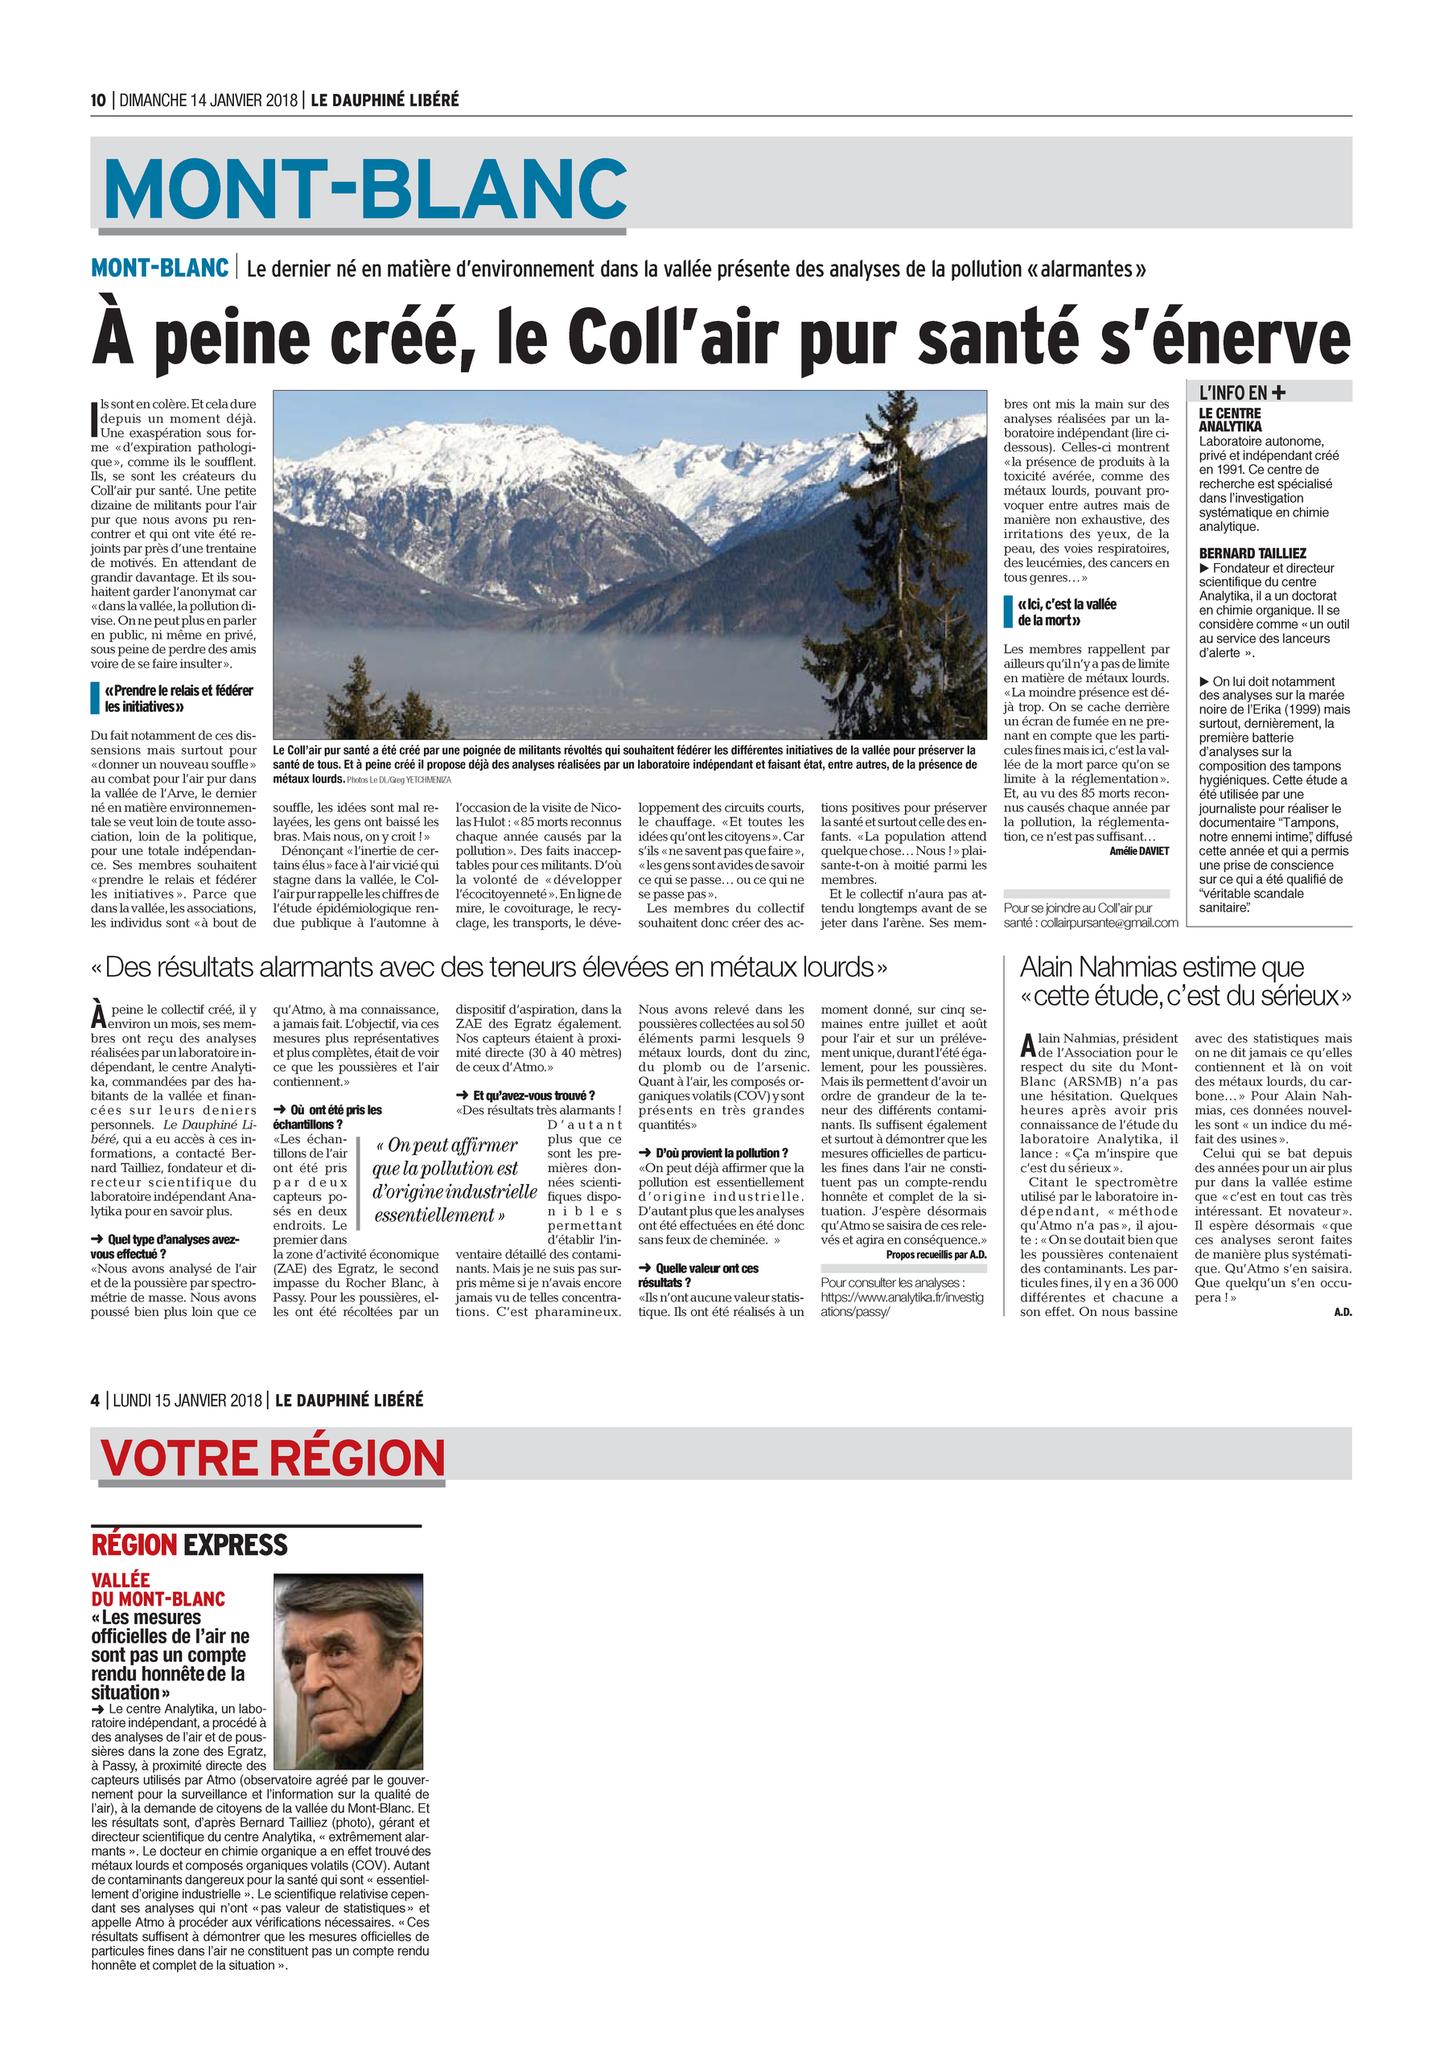 14 & 15.01.2018 > DAUPHINÉ LIBÉRÉ (Haute-Savoie) : « À peine créé, le Coll'air pur santé s'énerve »